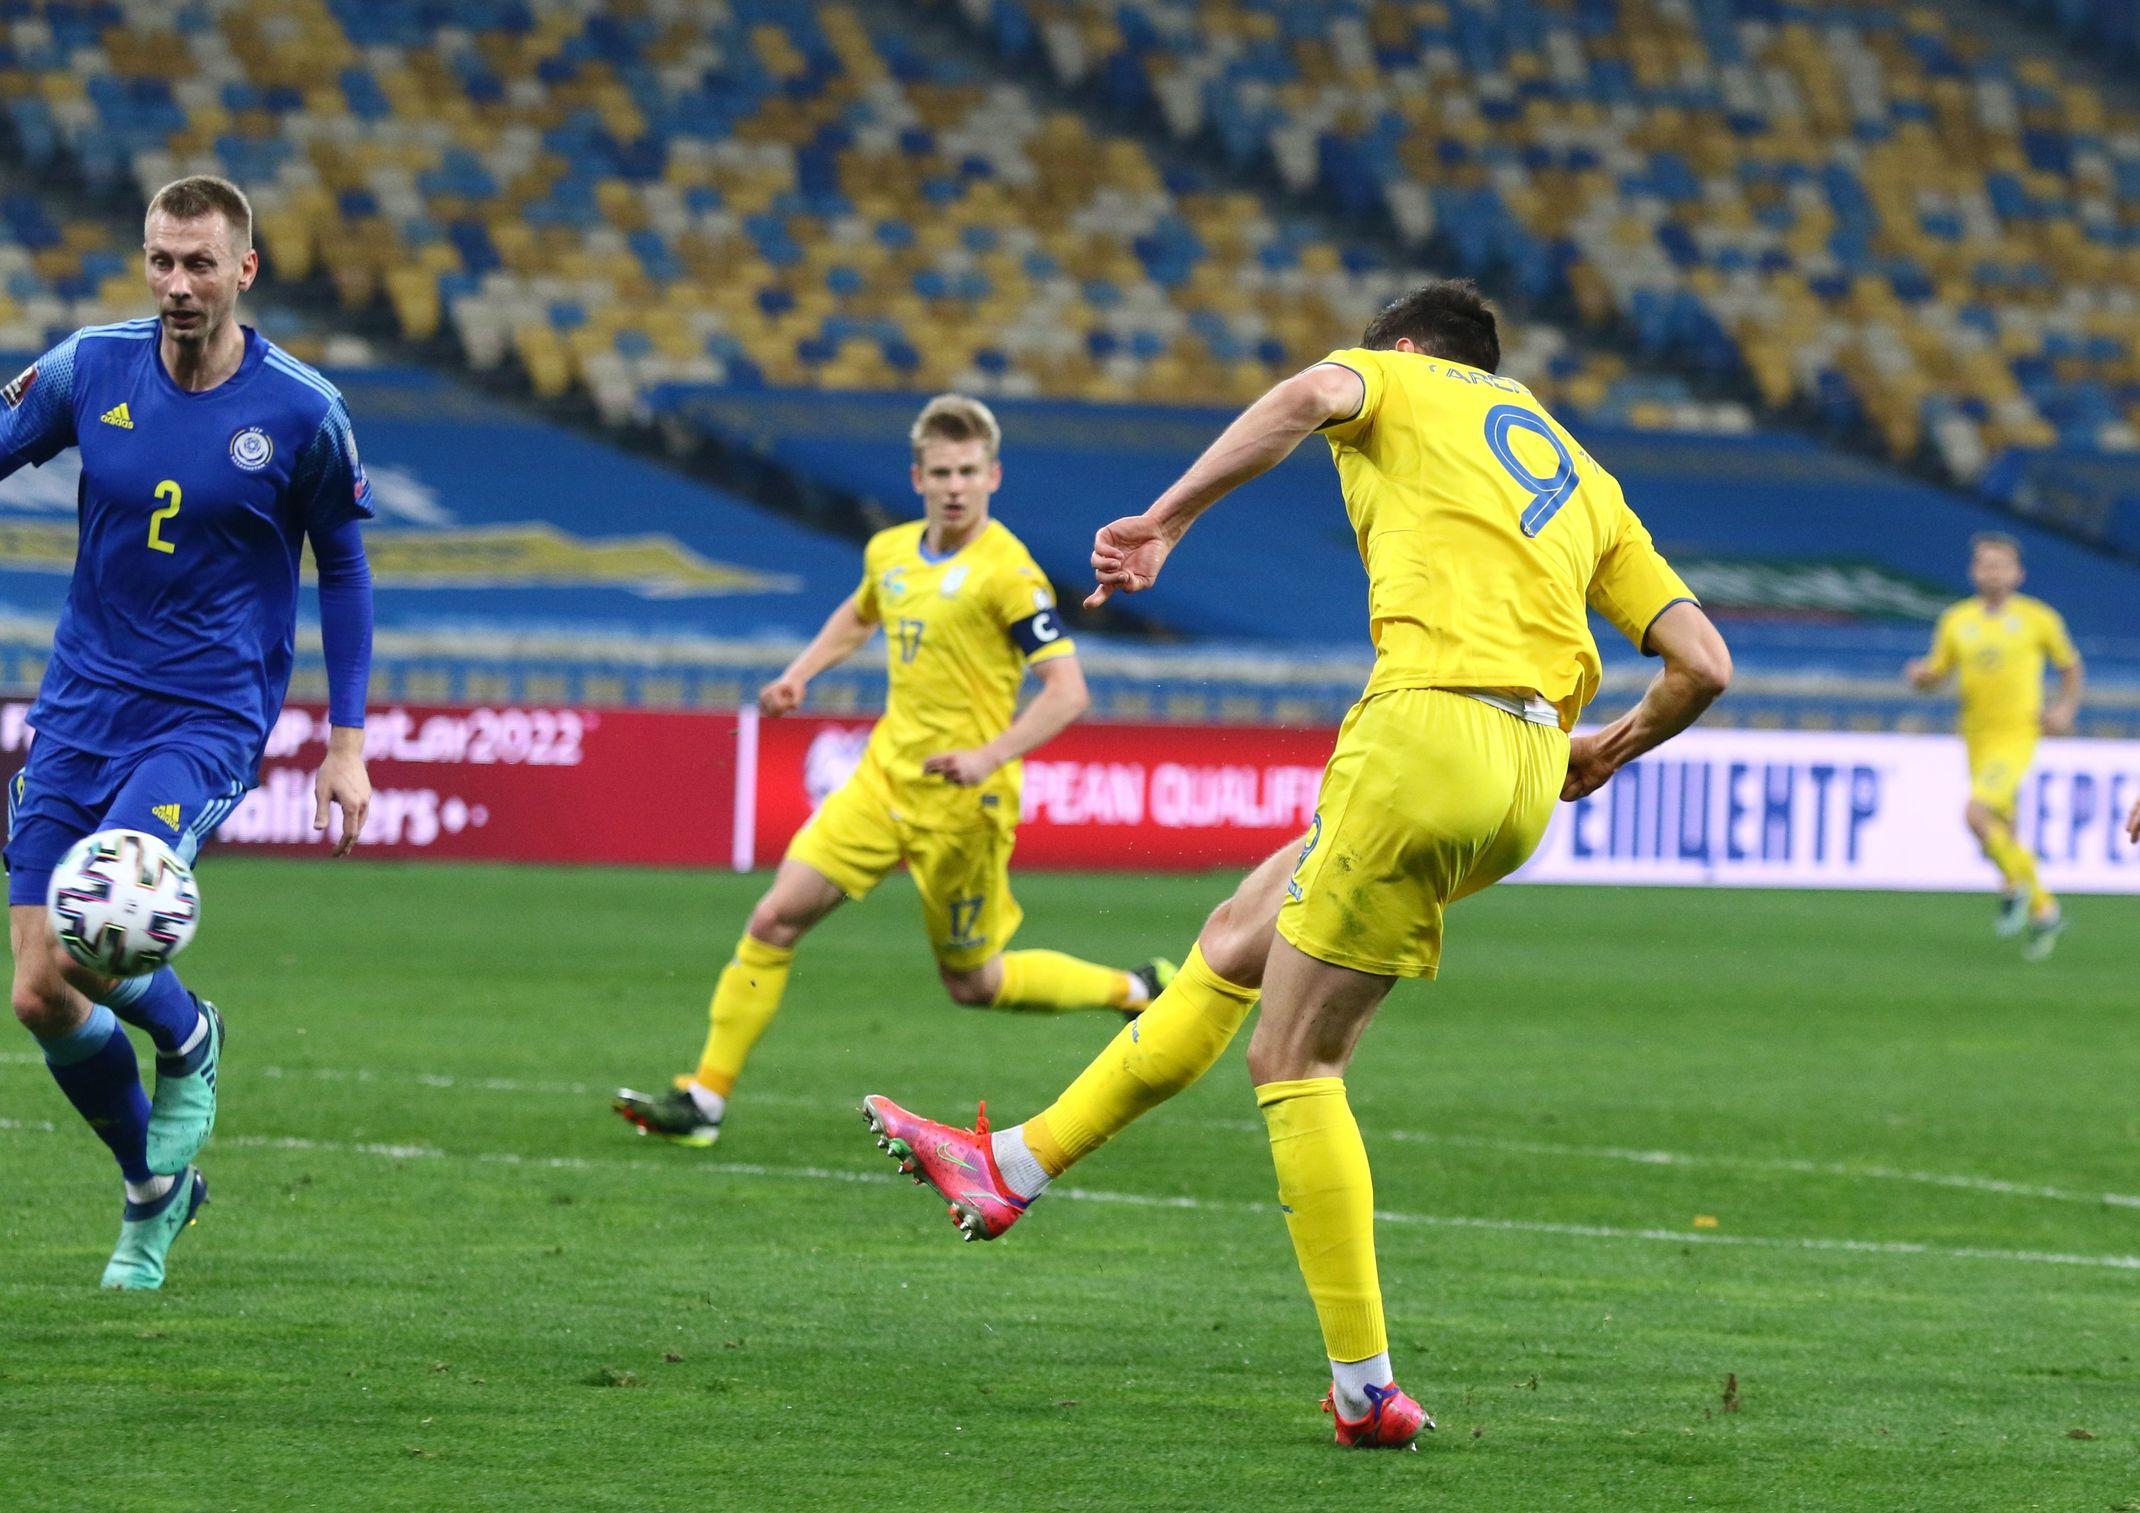 Отбор к ЧМ-2022. Украина - Казахстан 1:1. Насмешили, или Наказание за расхлябанность - изображение 2